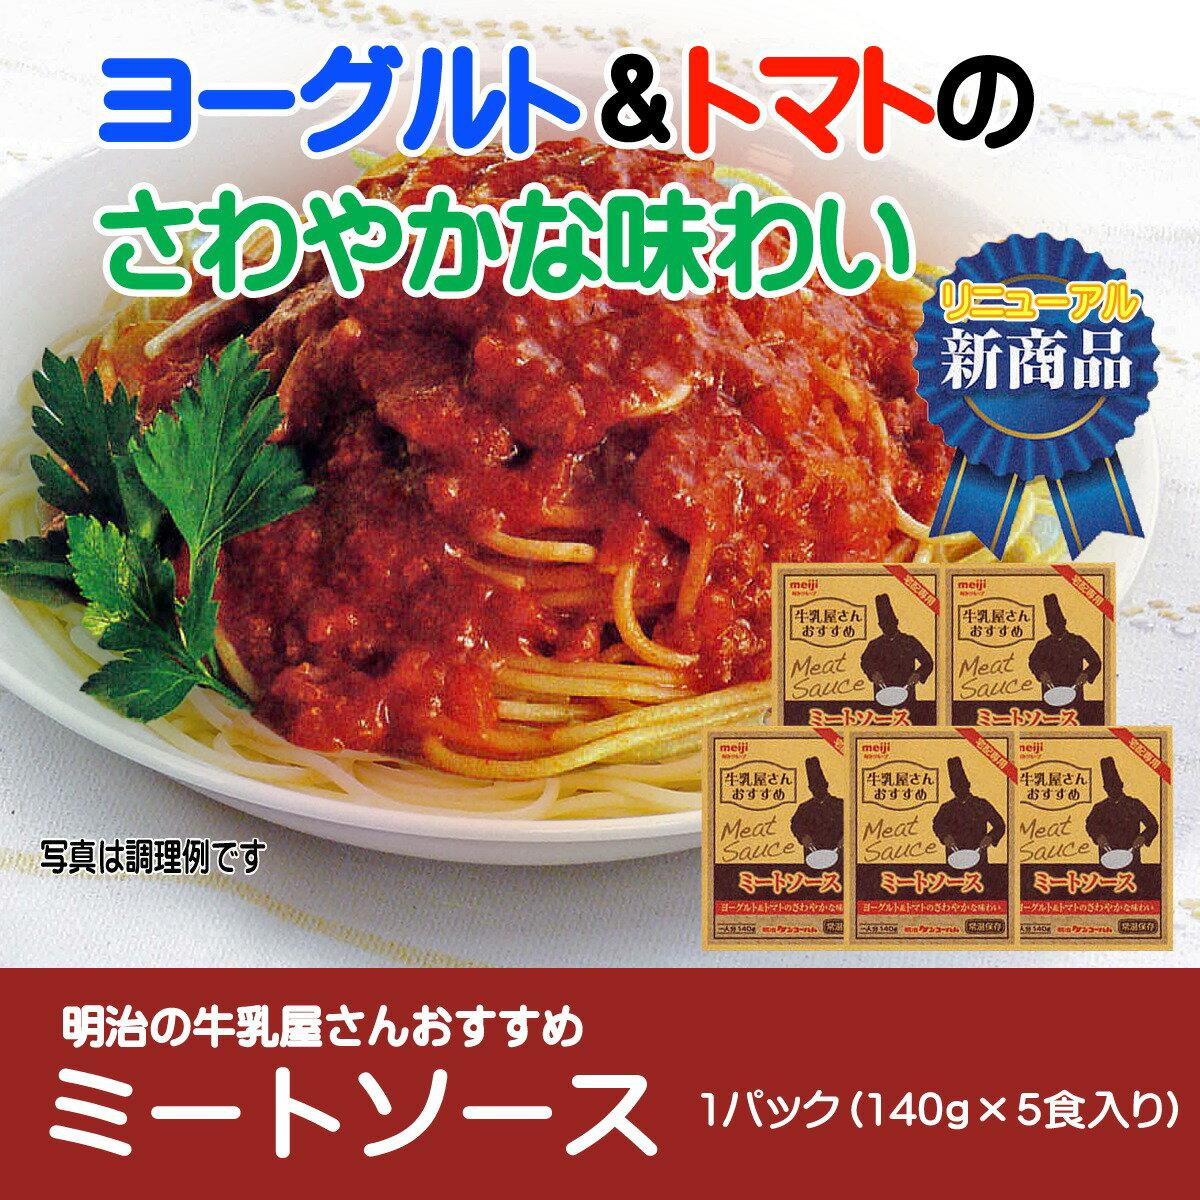 牛乳屋さんおすすめミートソース 【ミートソース】【140g×5食】